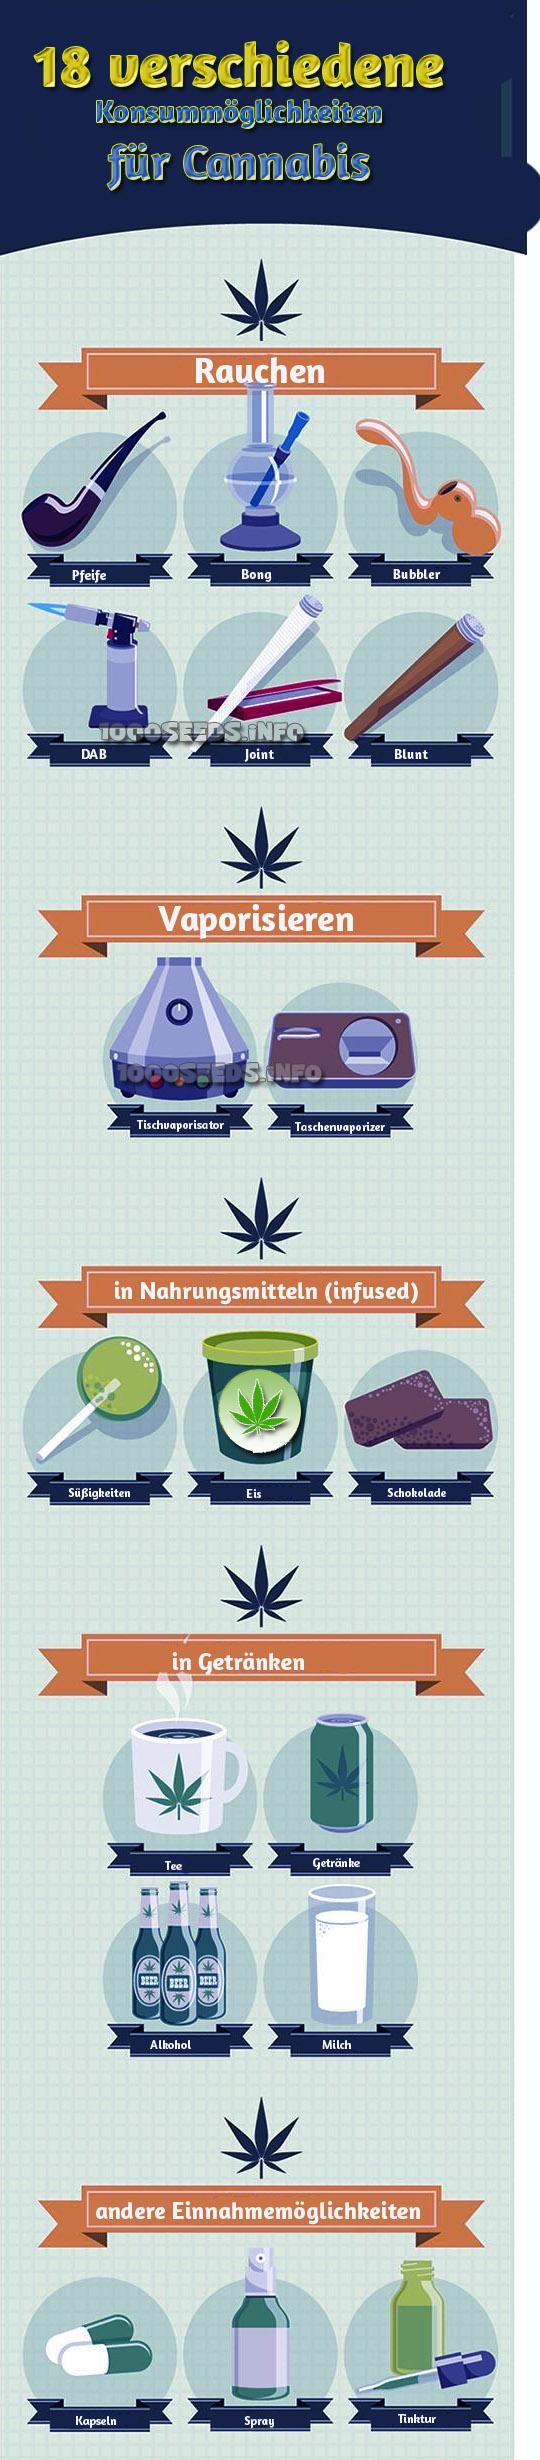 Anwendungsmöglichkeiten Cannabis